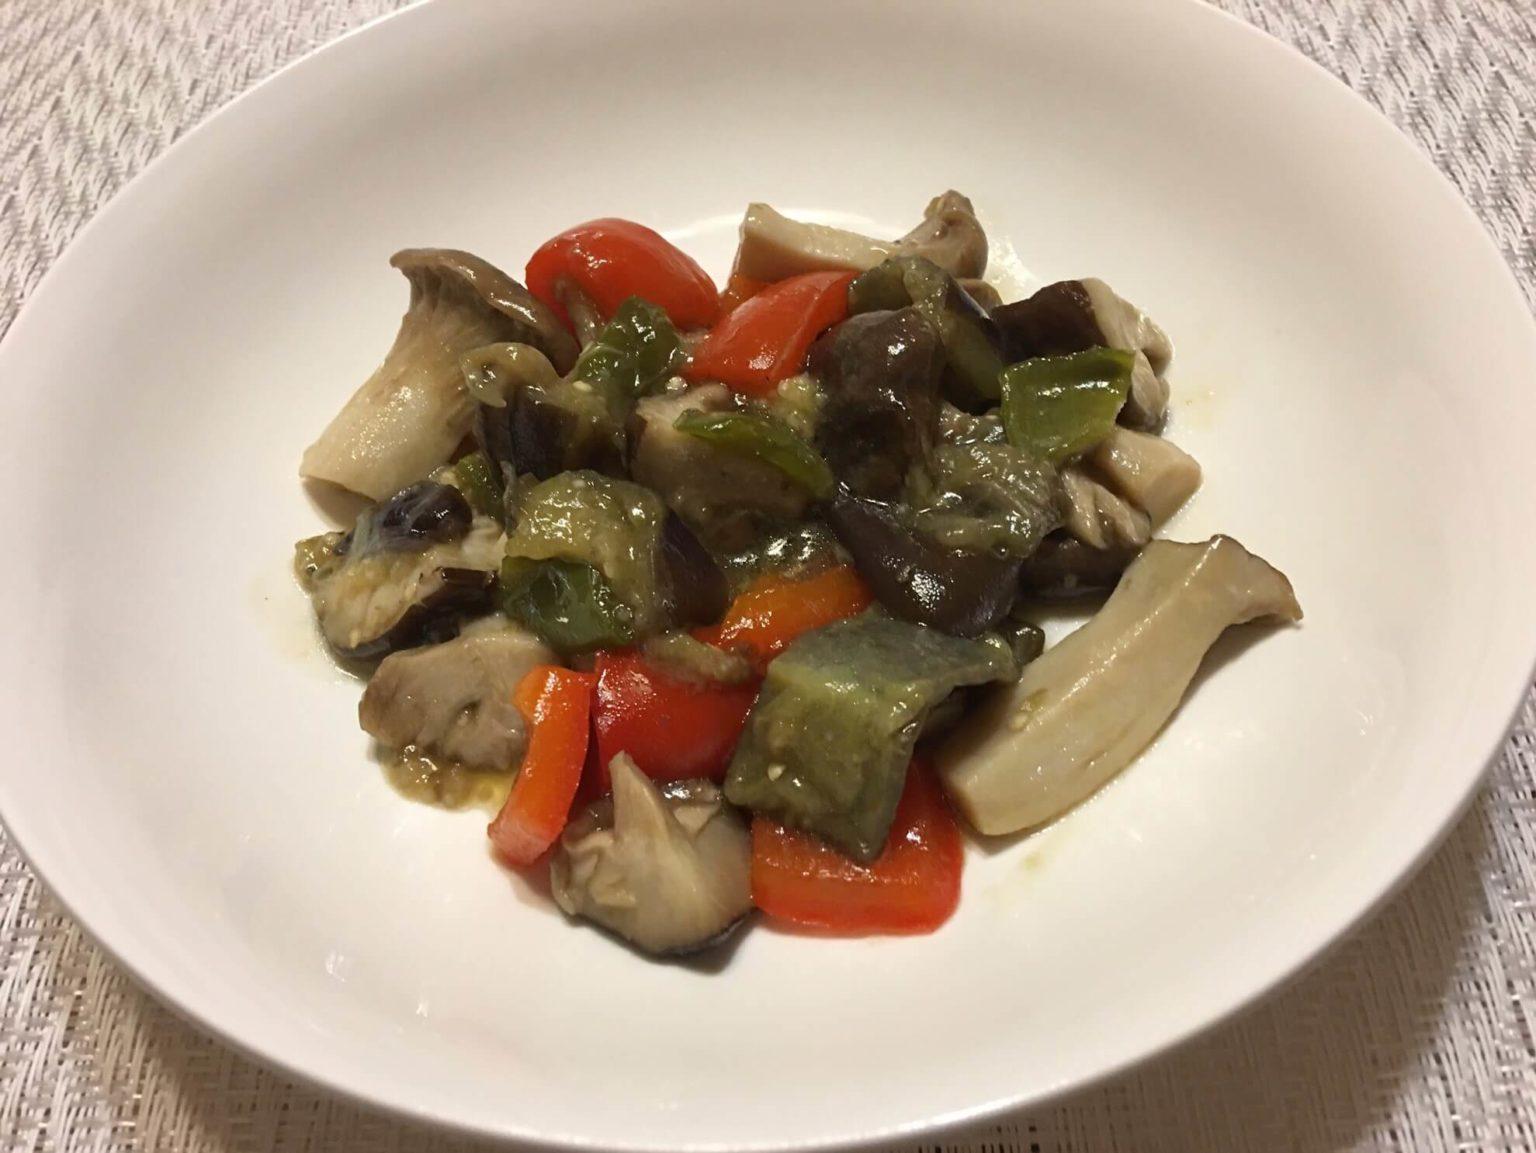 勝間流たっぷり野菜の蒸し煮アイキャッチ